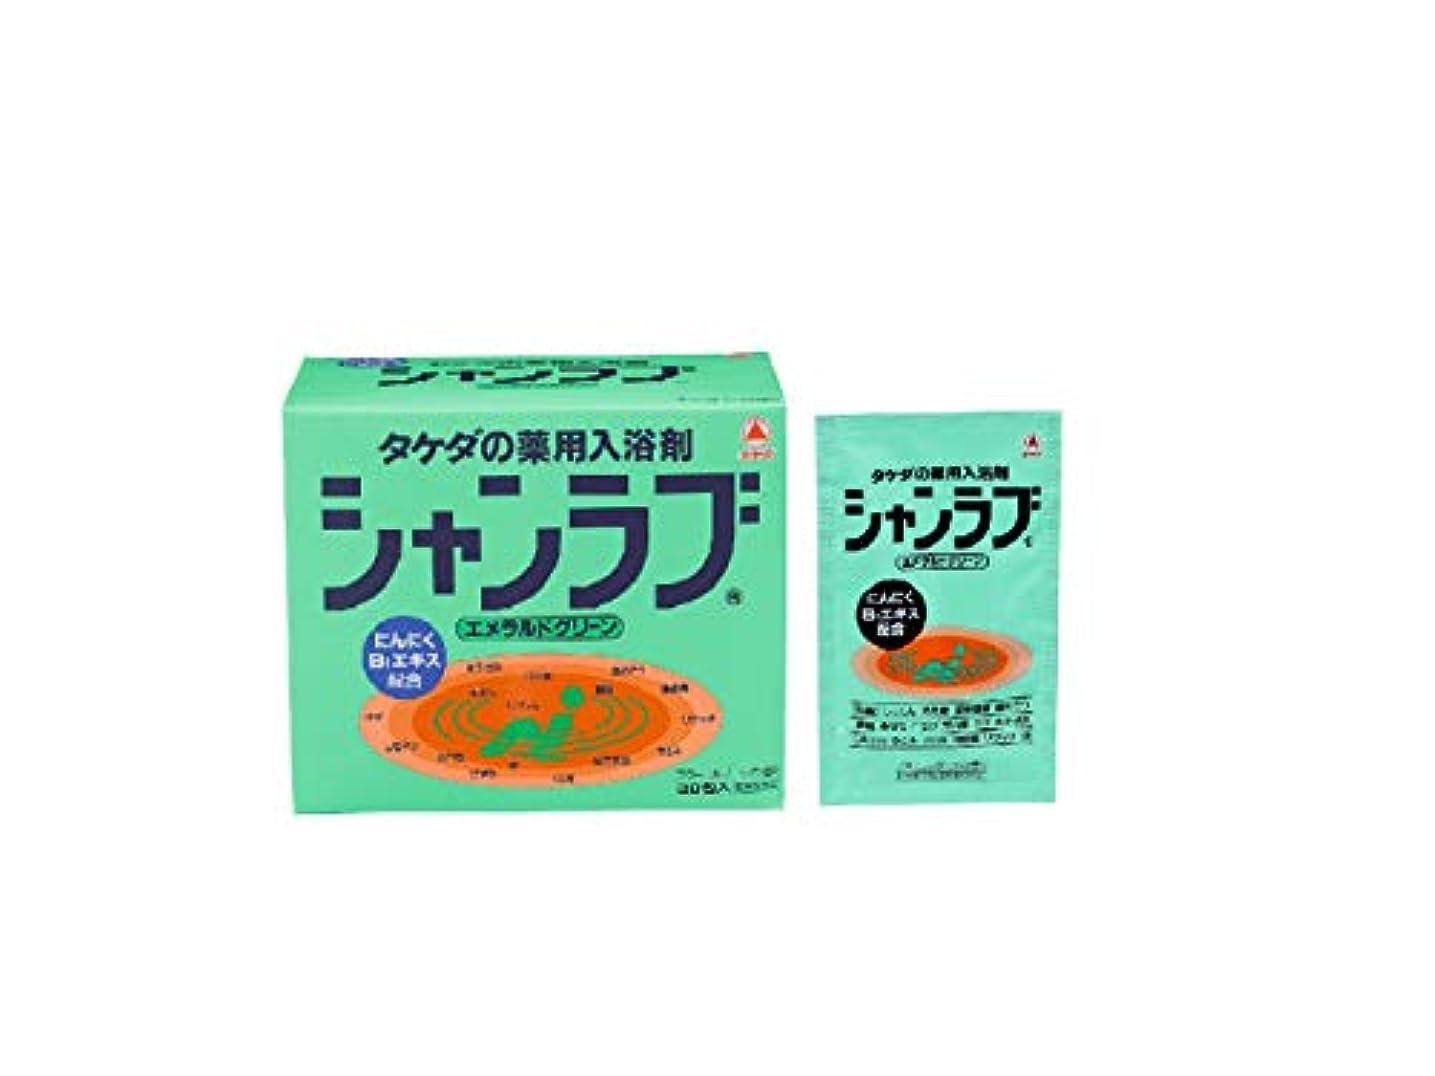 武田コンシューマーヘルスケア シャンラブ エメラルドグリーン 30包